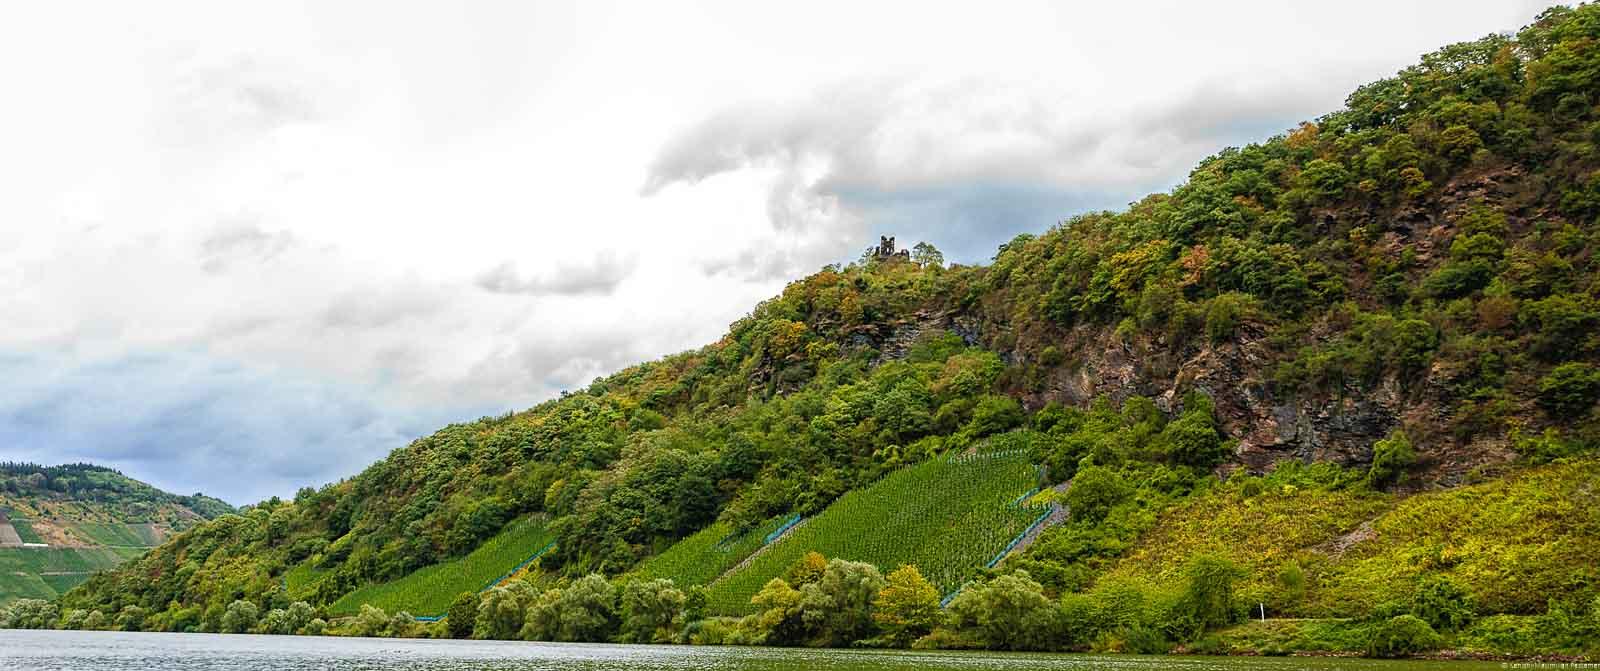 Vorne fließt der Fluss Mose. Dahinter türmt sich der steile Weinberg Kröver Paradies auf. Oberhalb des Weinberges erkennt man Wald, Felsen und eine Ruine. Der Himmel ist bewölkt.